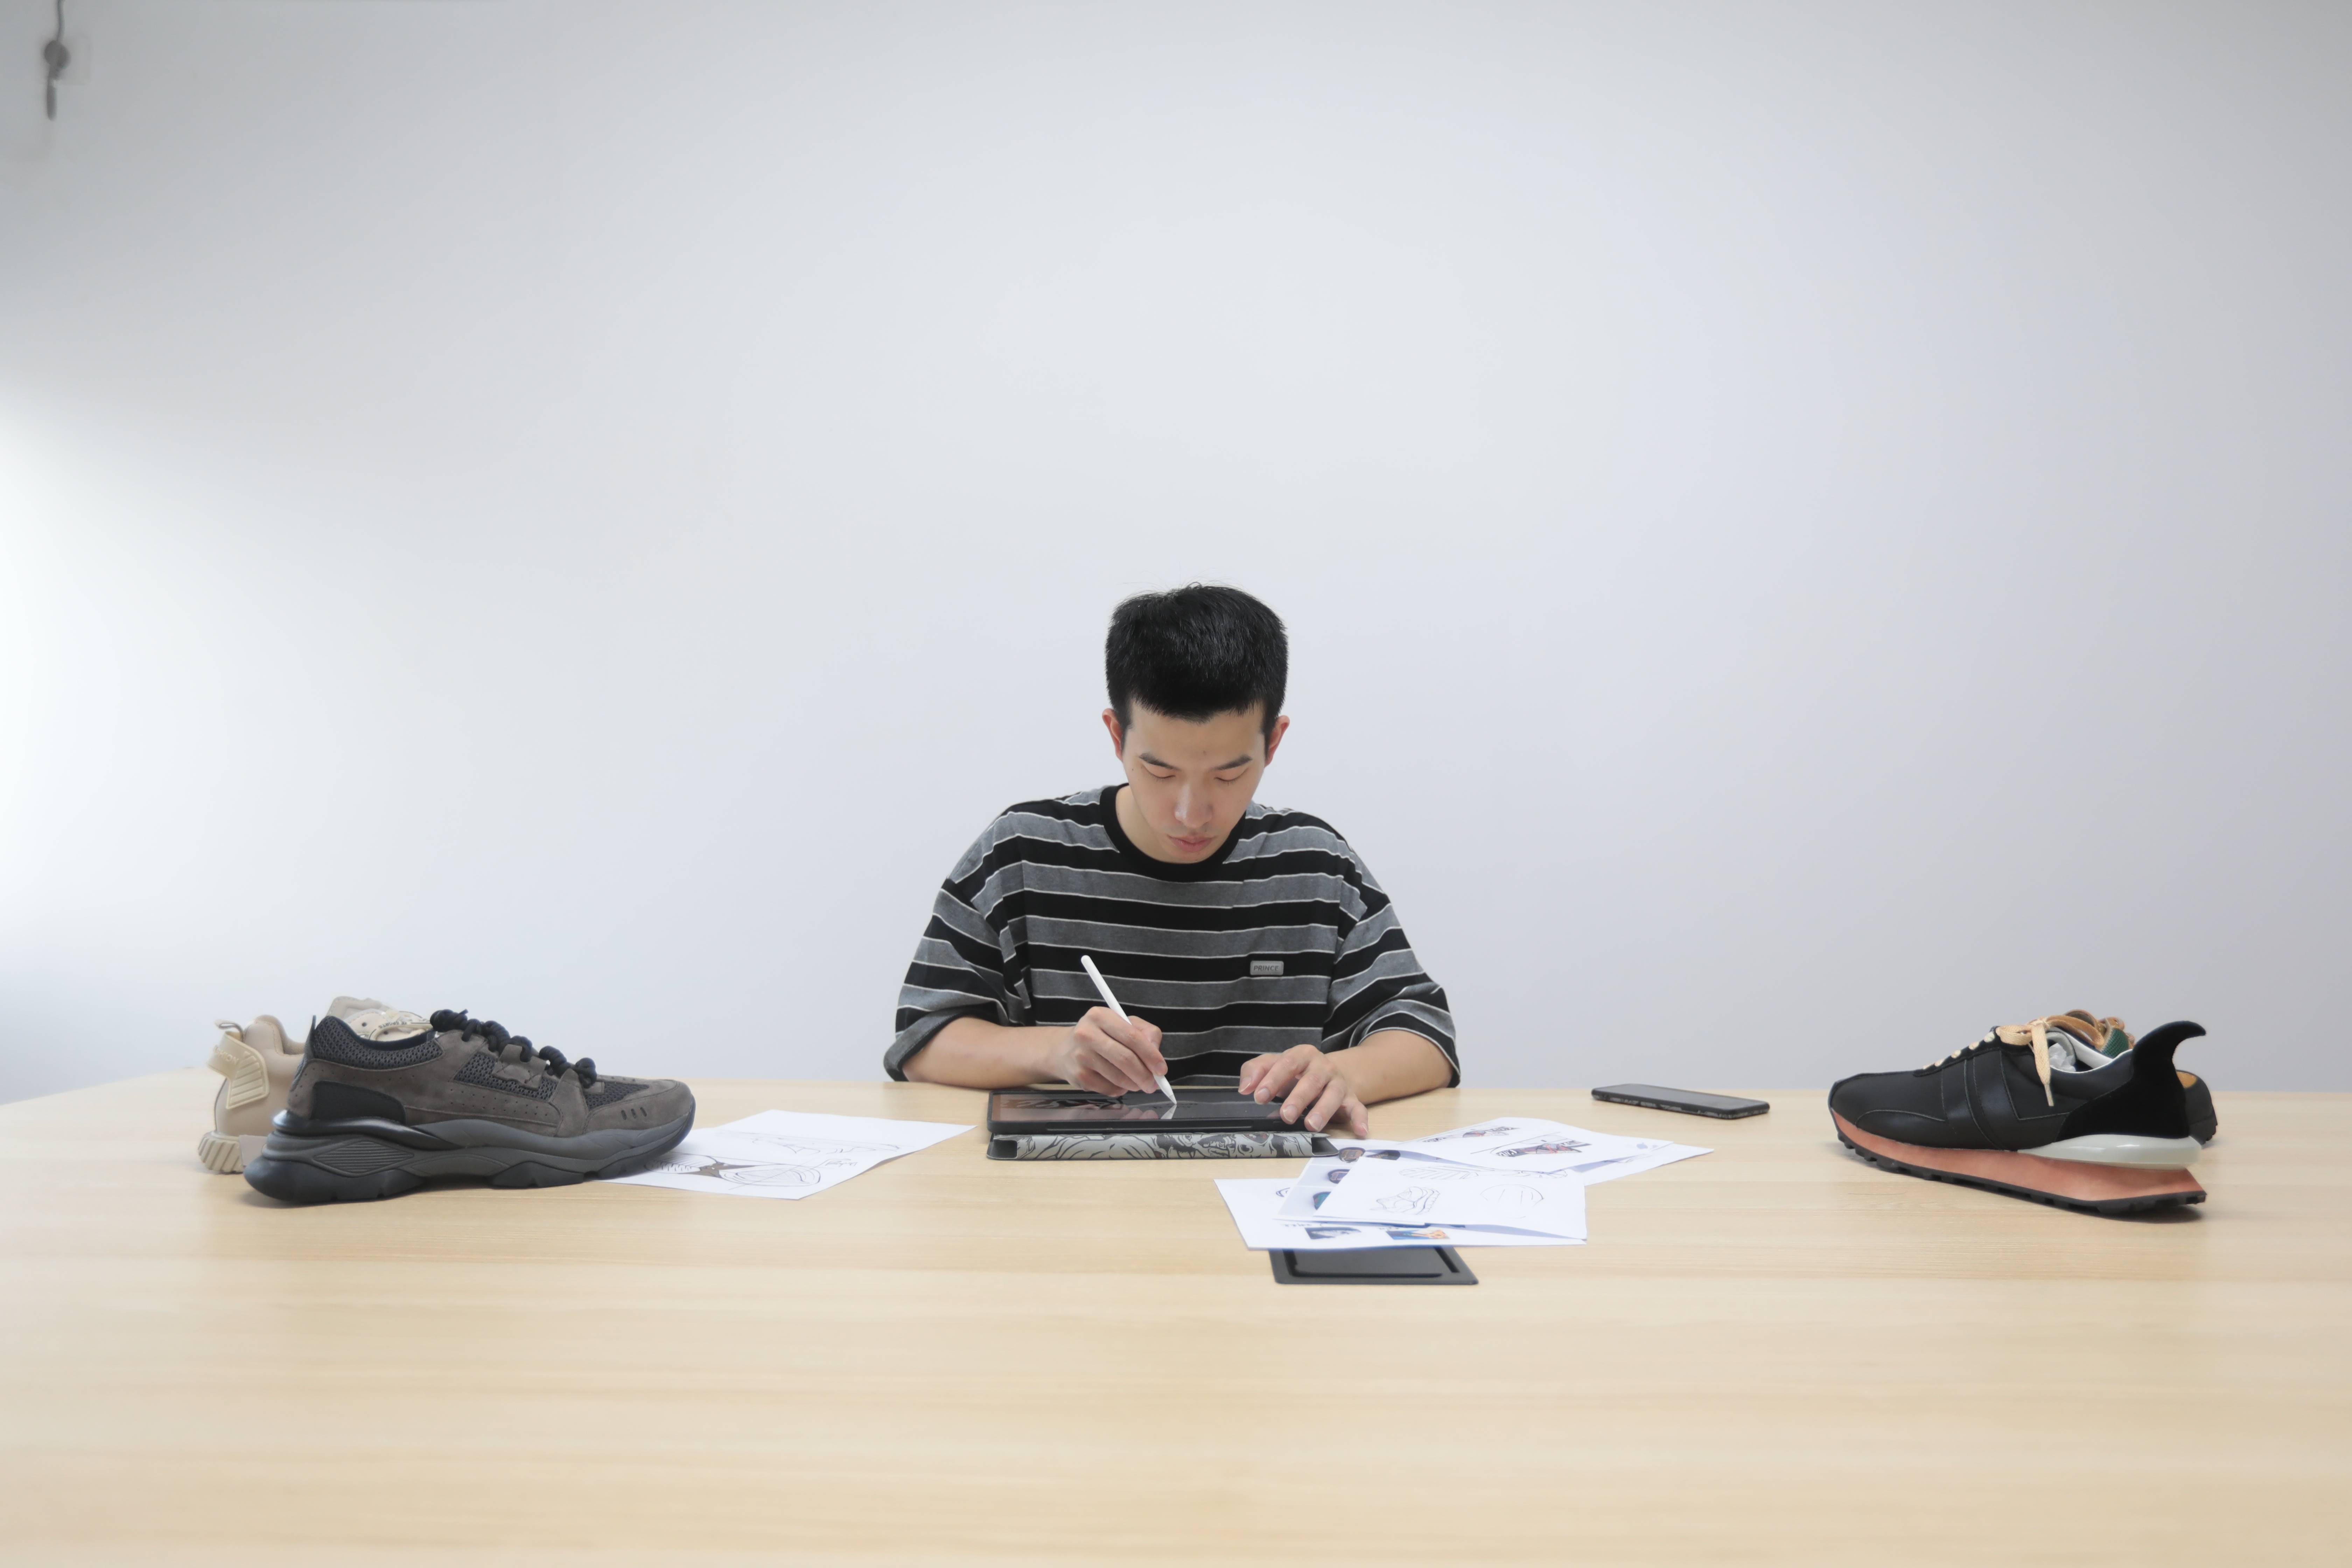 穷小子逆袭记!27岁温州小伙淘宝创业成鞋大王